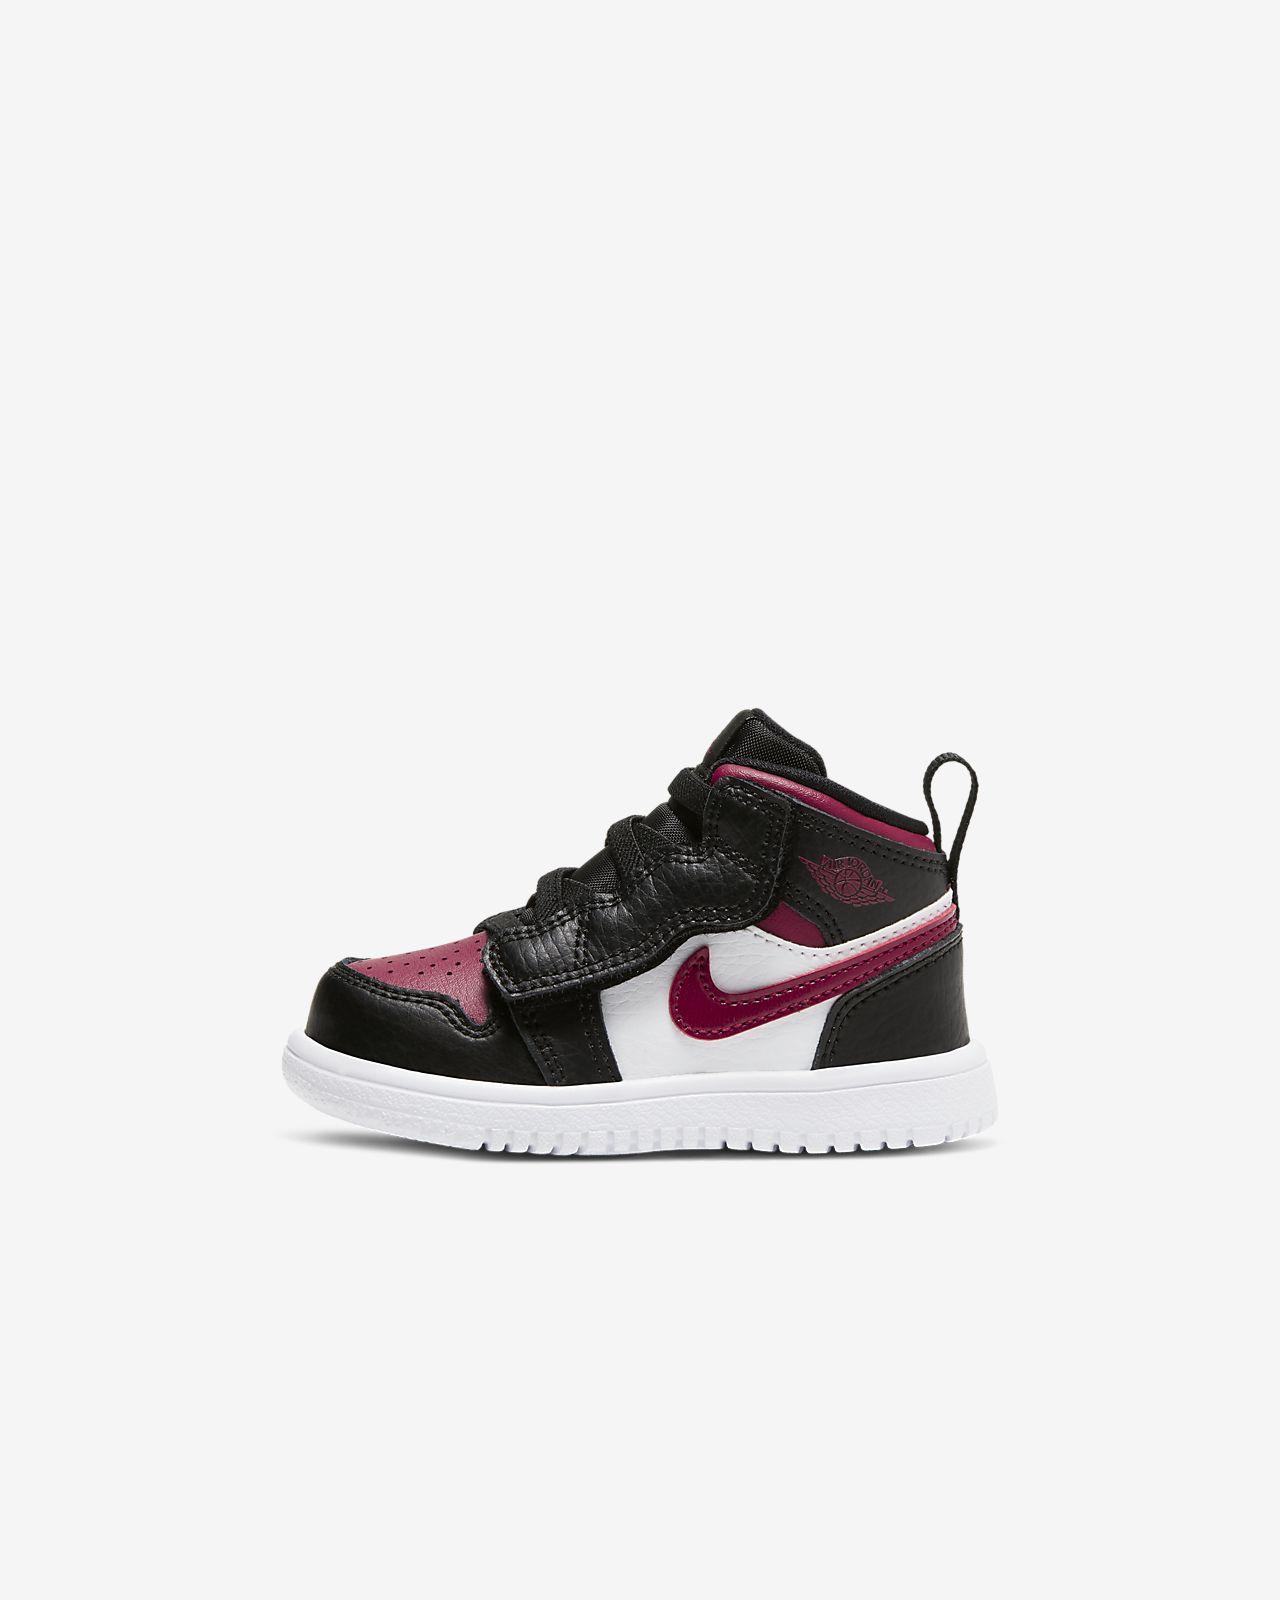 Air Jordan 1 Mid Alt sko til babyersmåbørn